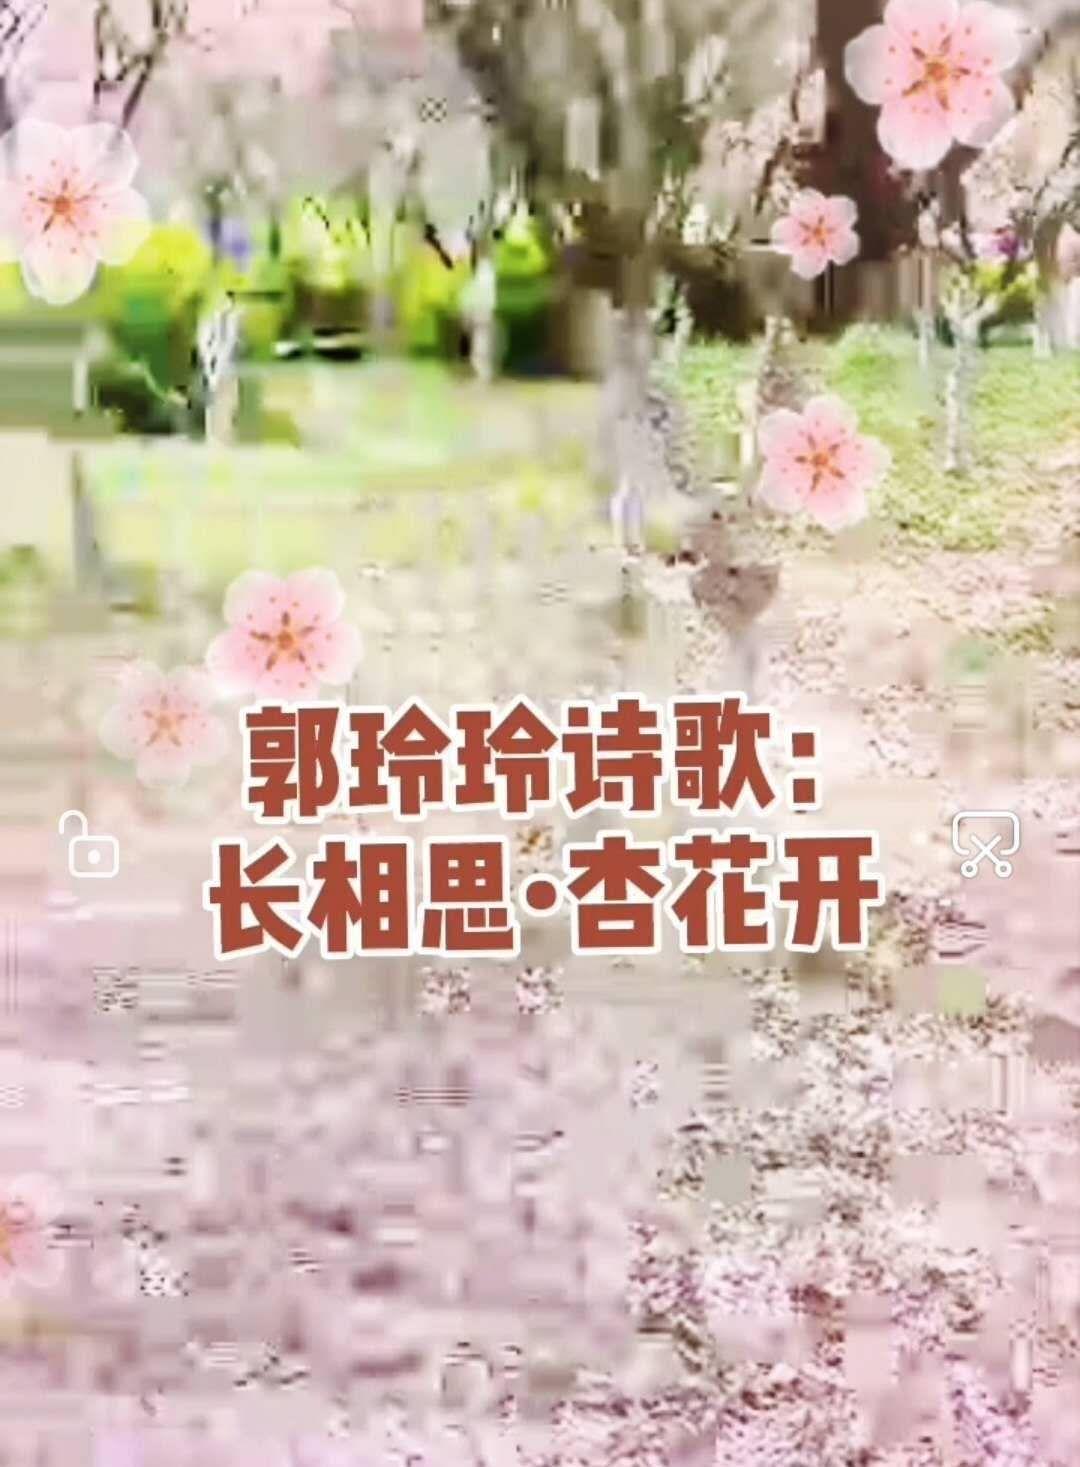 诗歌朗诵:长相思•杏花开 作者/郭玲玲 朗诵:吴玲